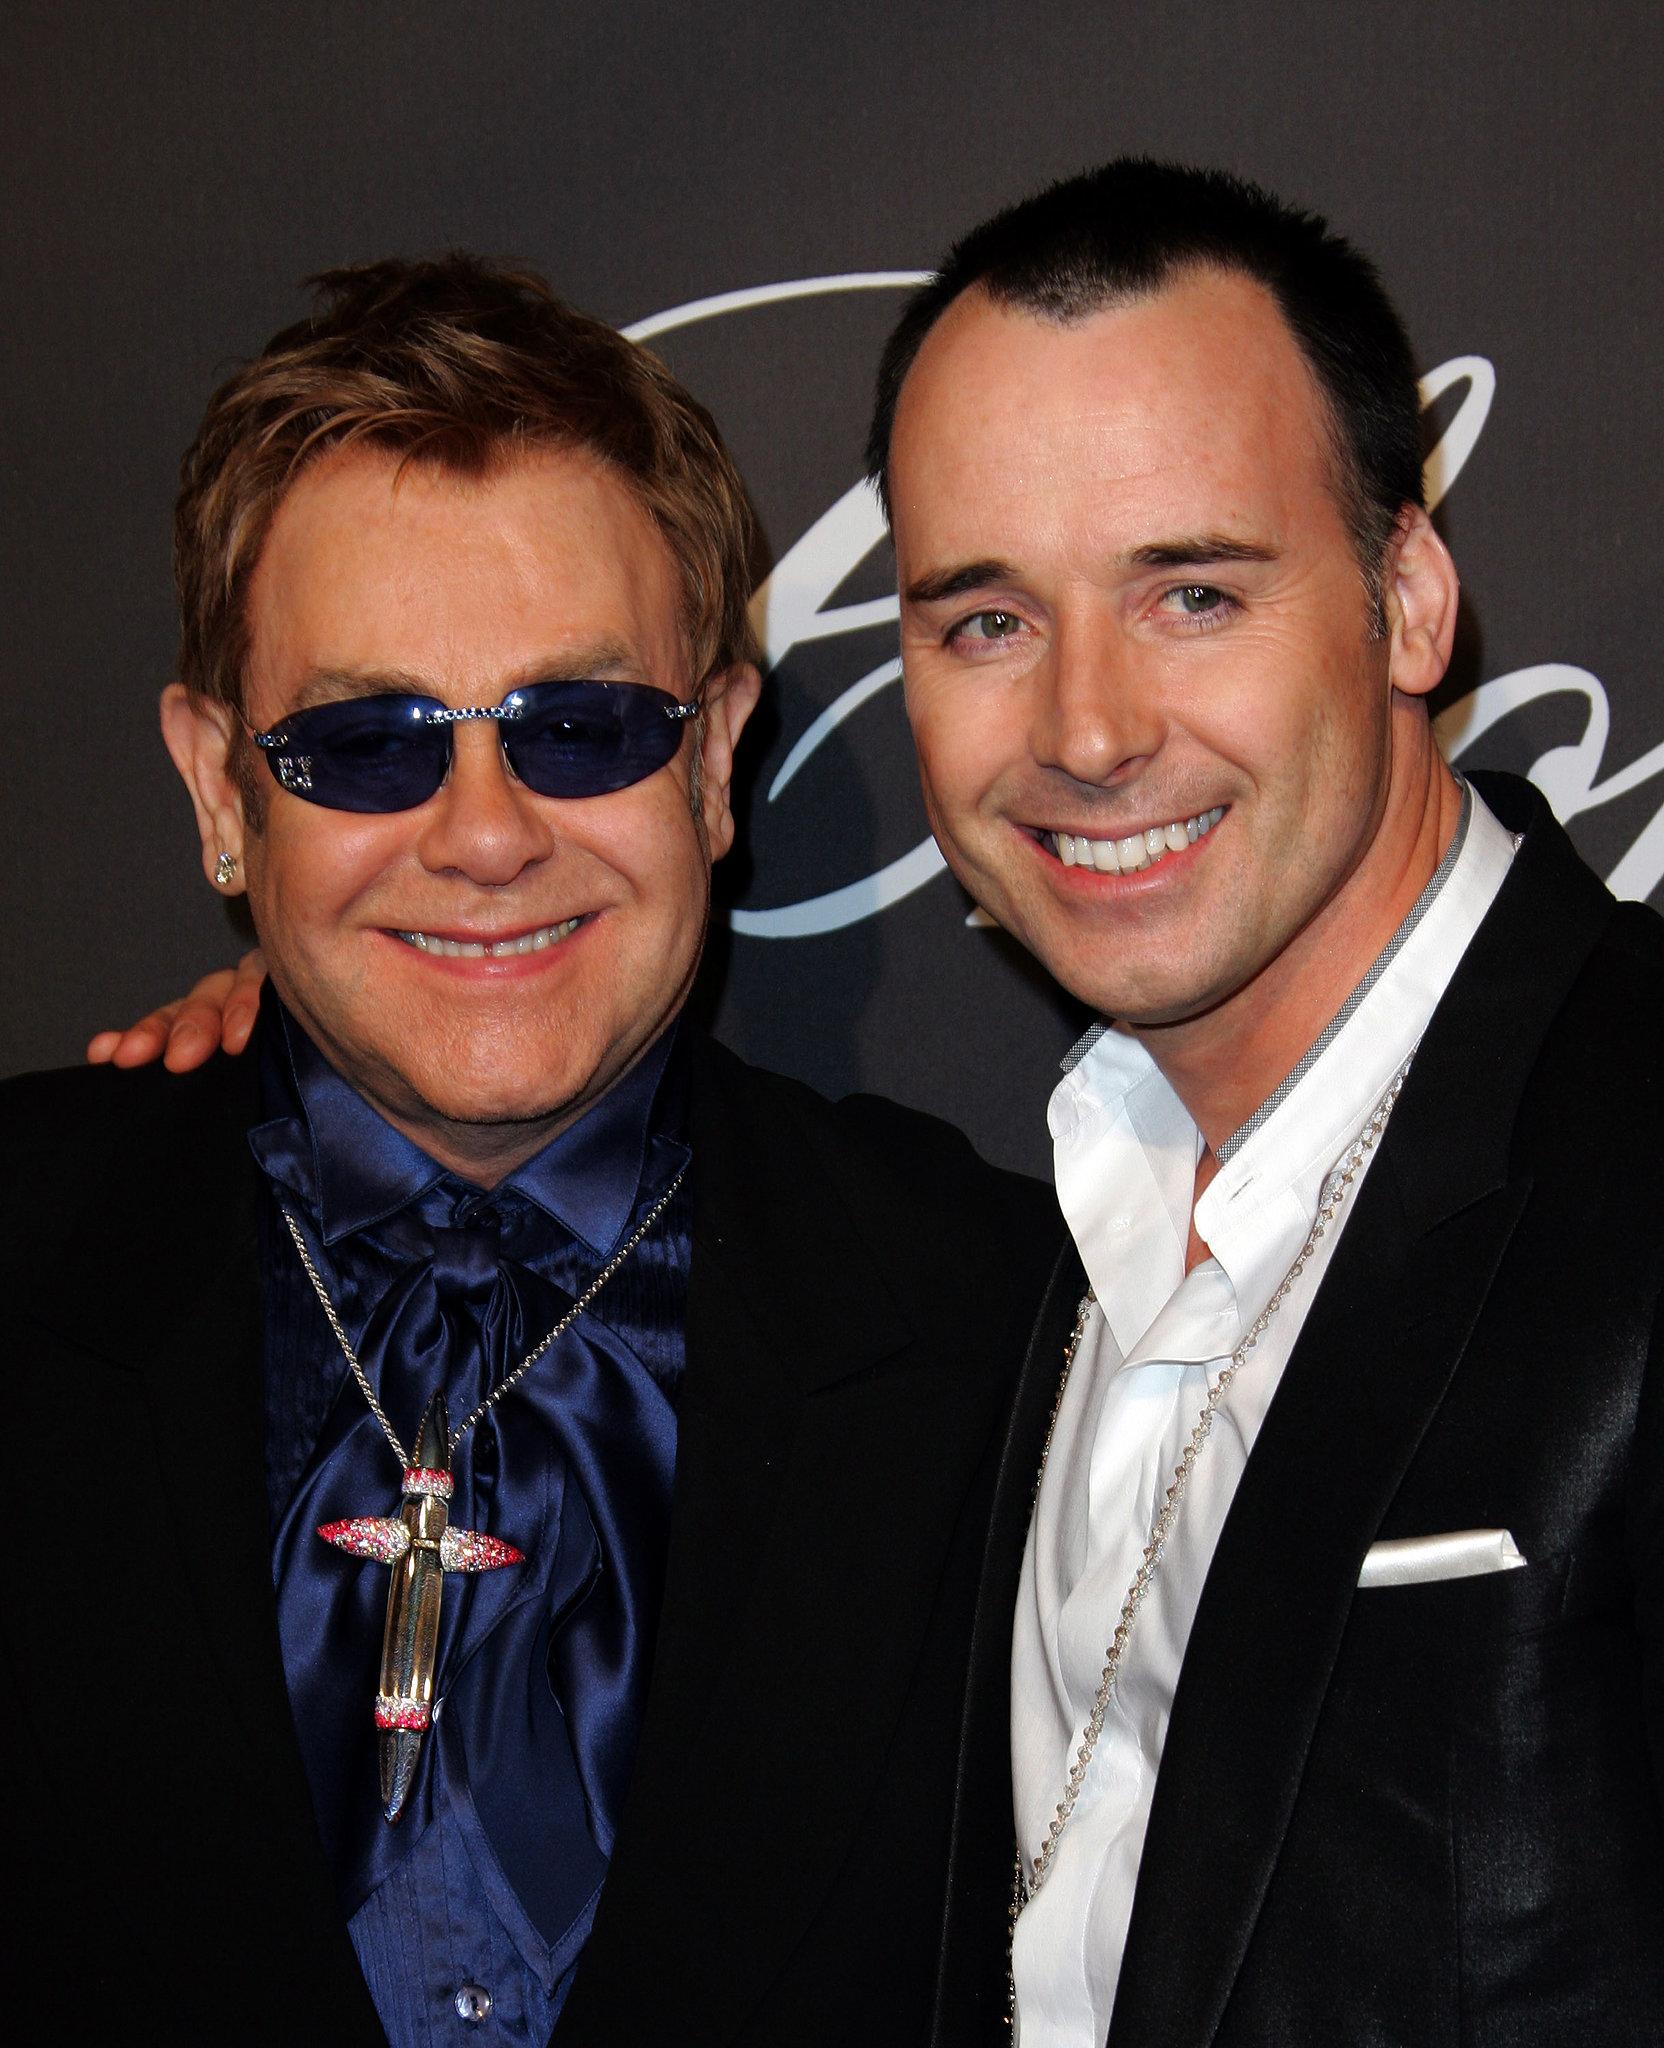 Elton John and David Furnish in 2007